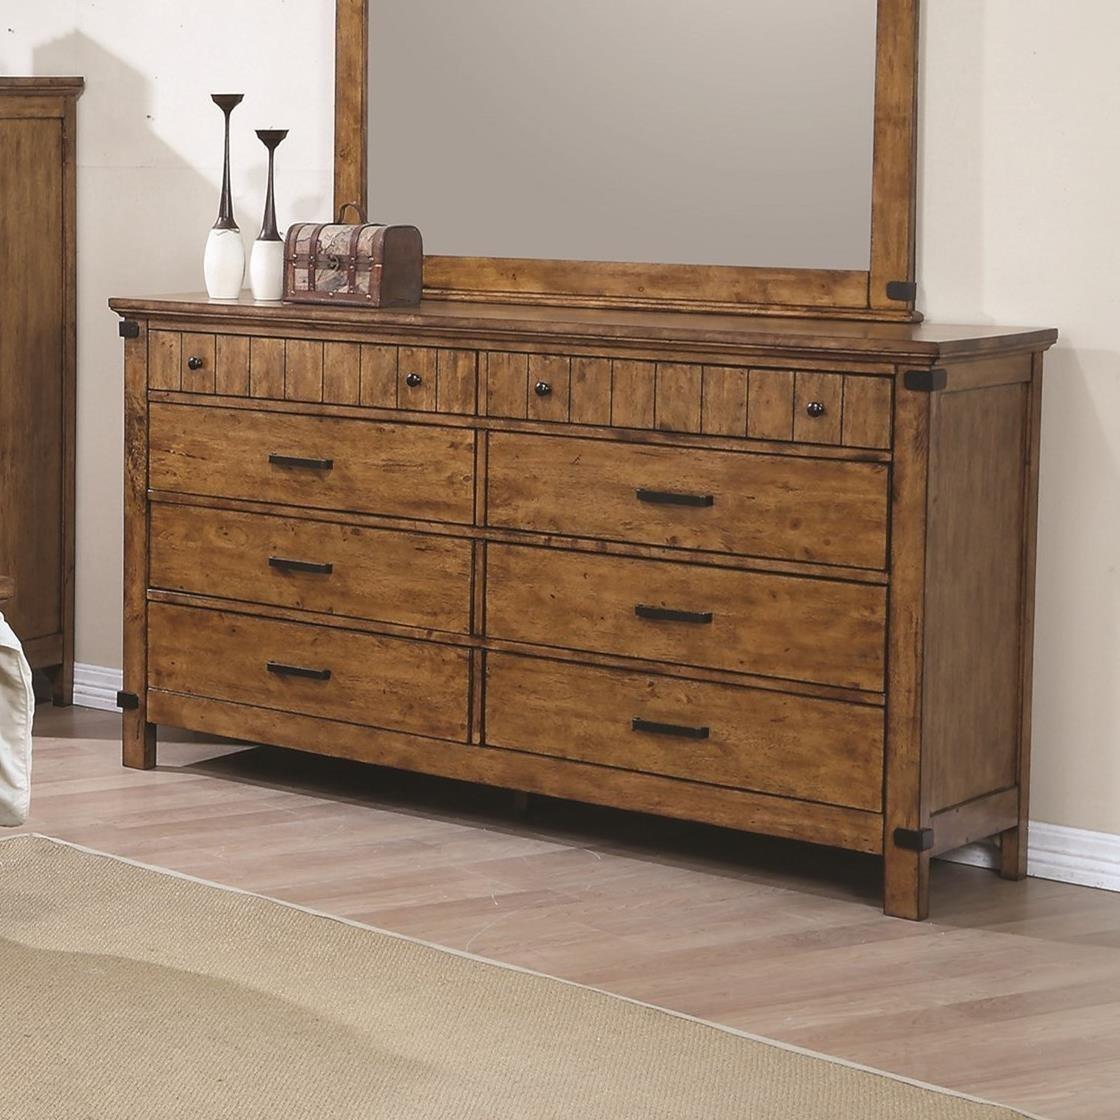 Brenner 8 Drawer Dresser by Coaster at Value City Furniture